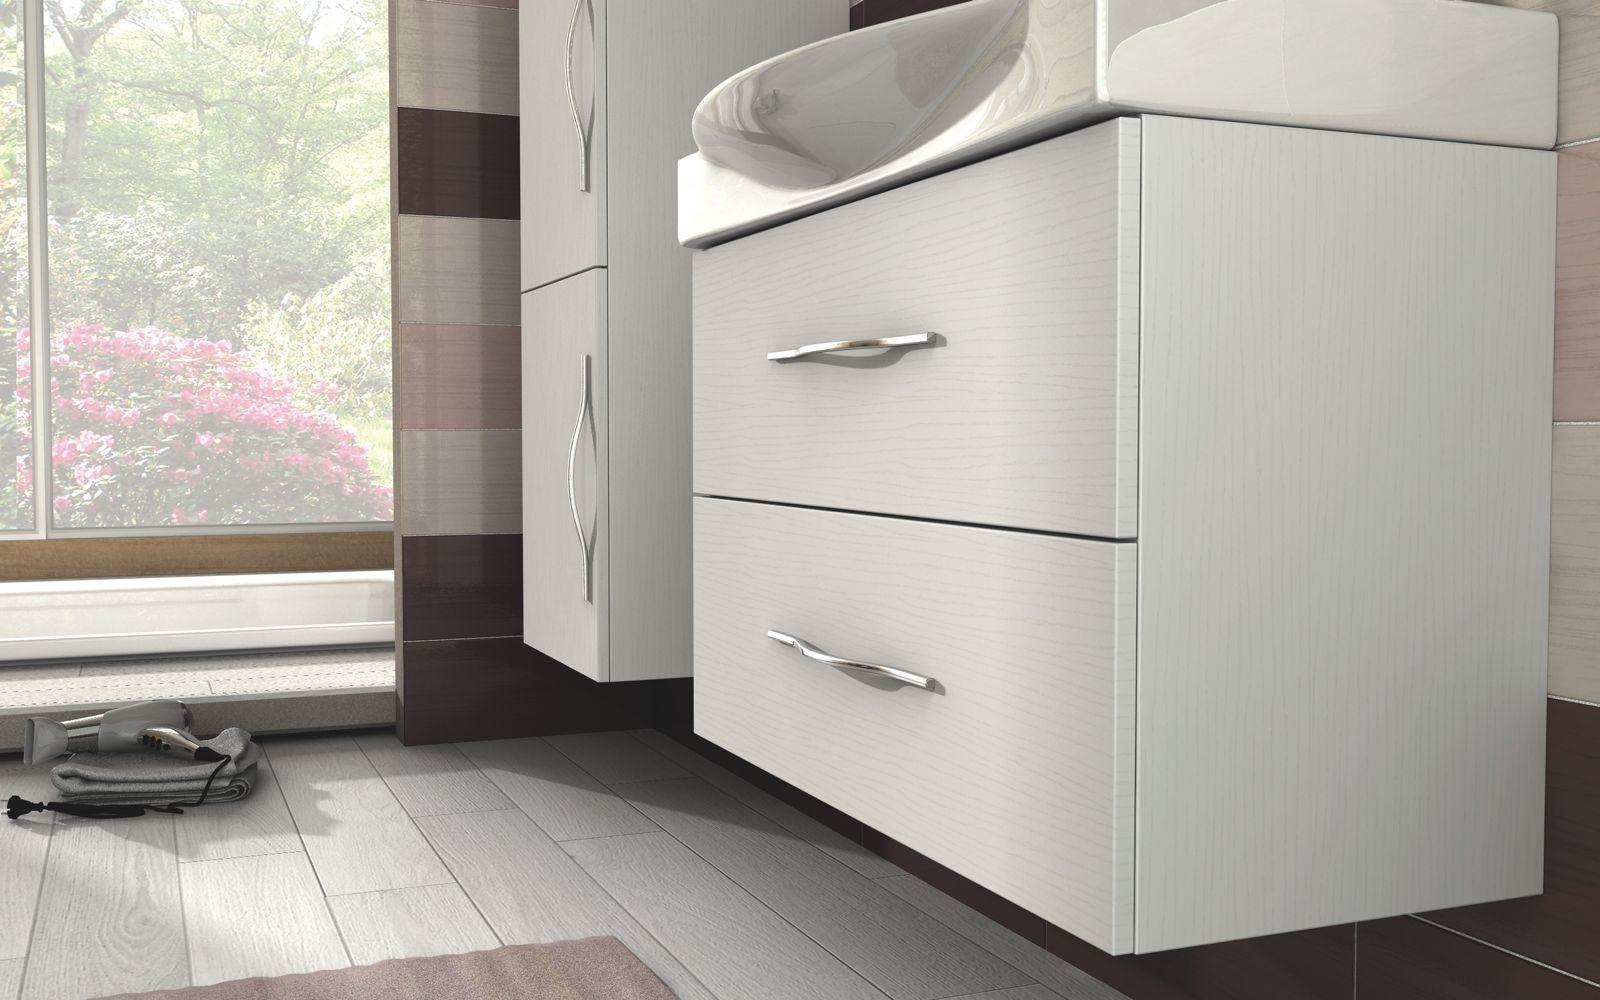 Pannelli di rivestimento pareti cucina effetto legno - Pannelli copri piastrelle bagno ...